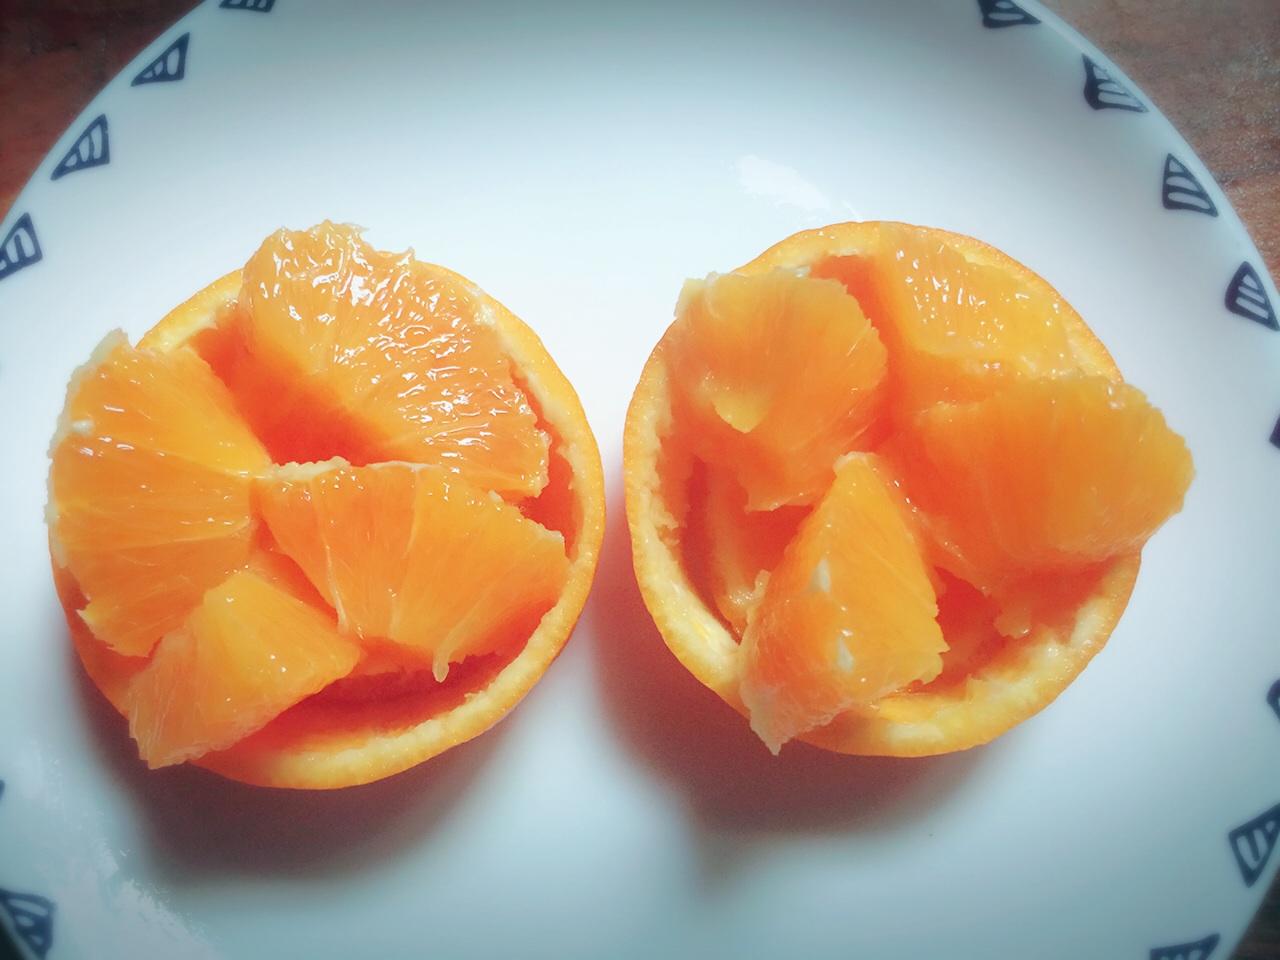 花式切橙(水果摆盘)的做法图解5